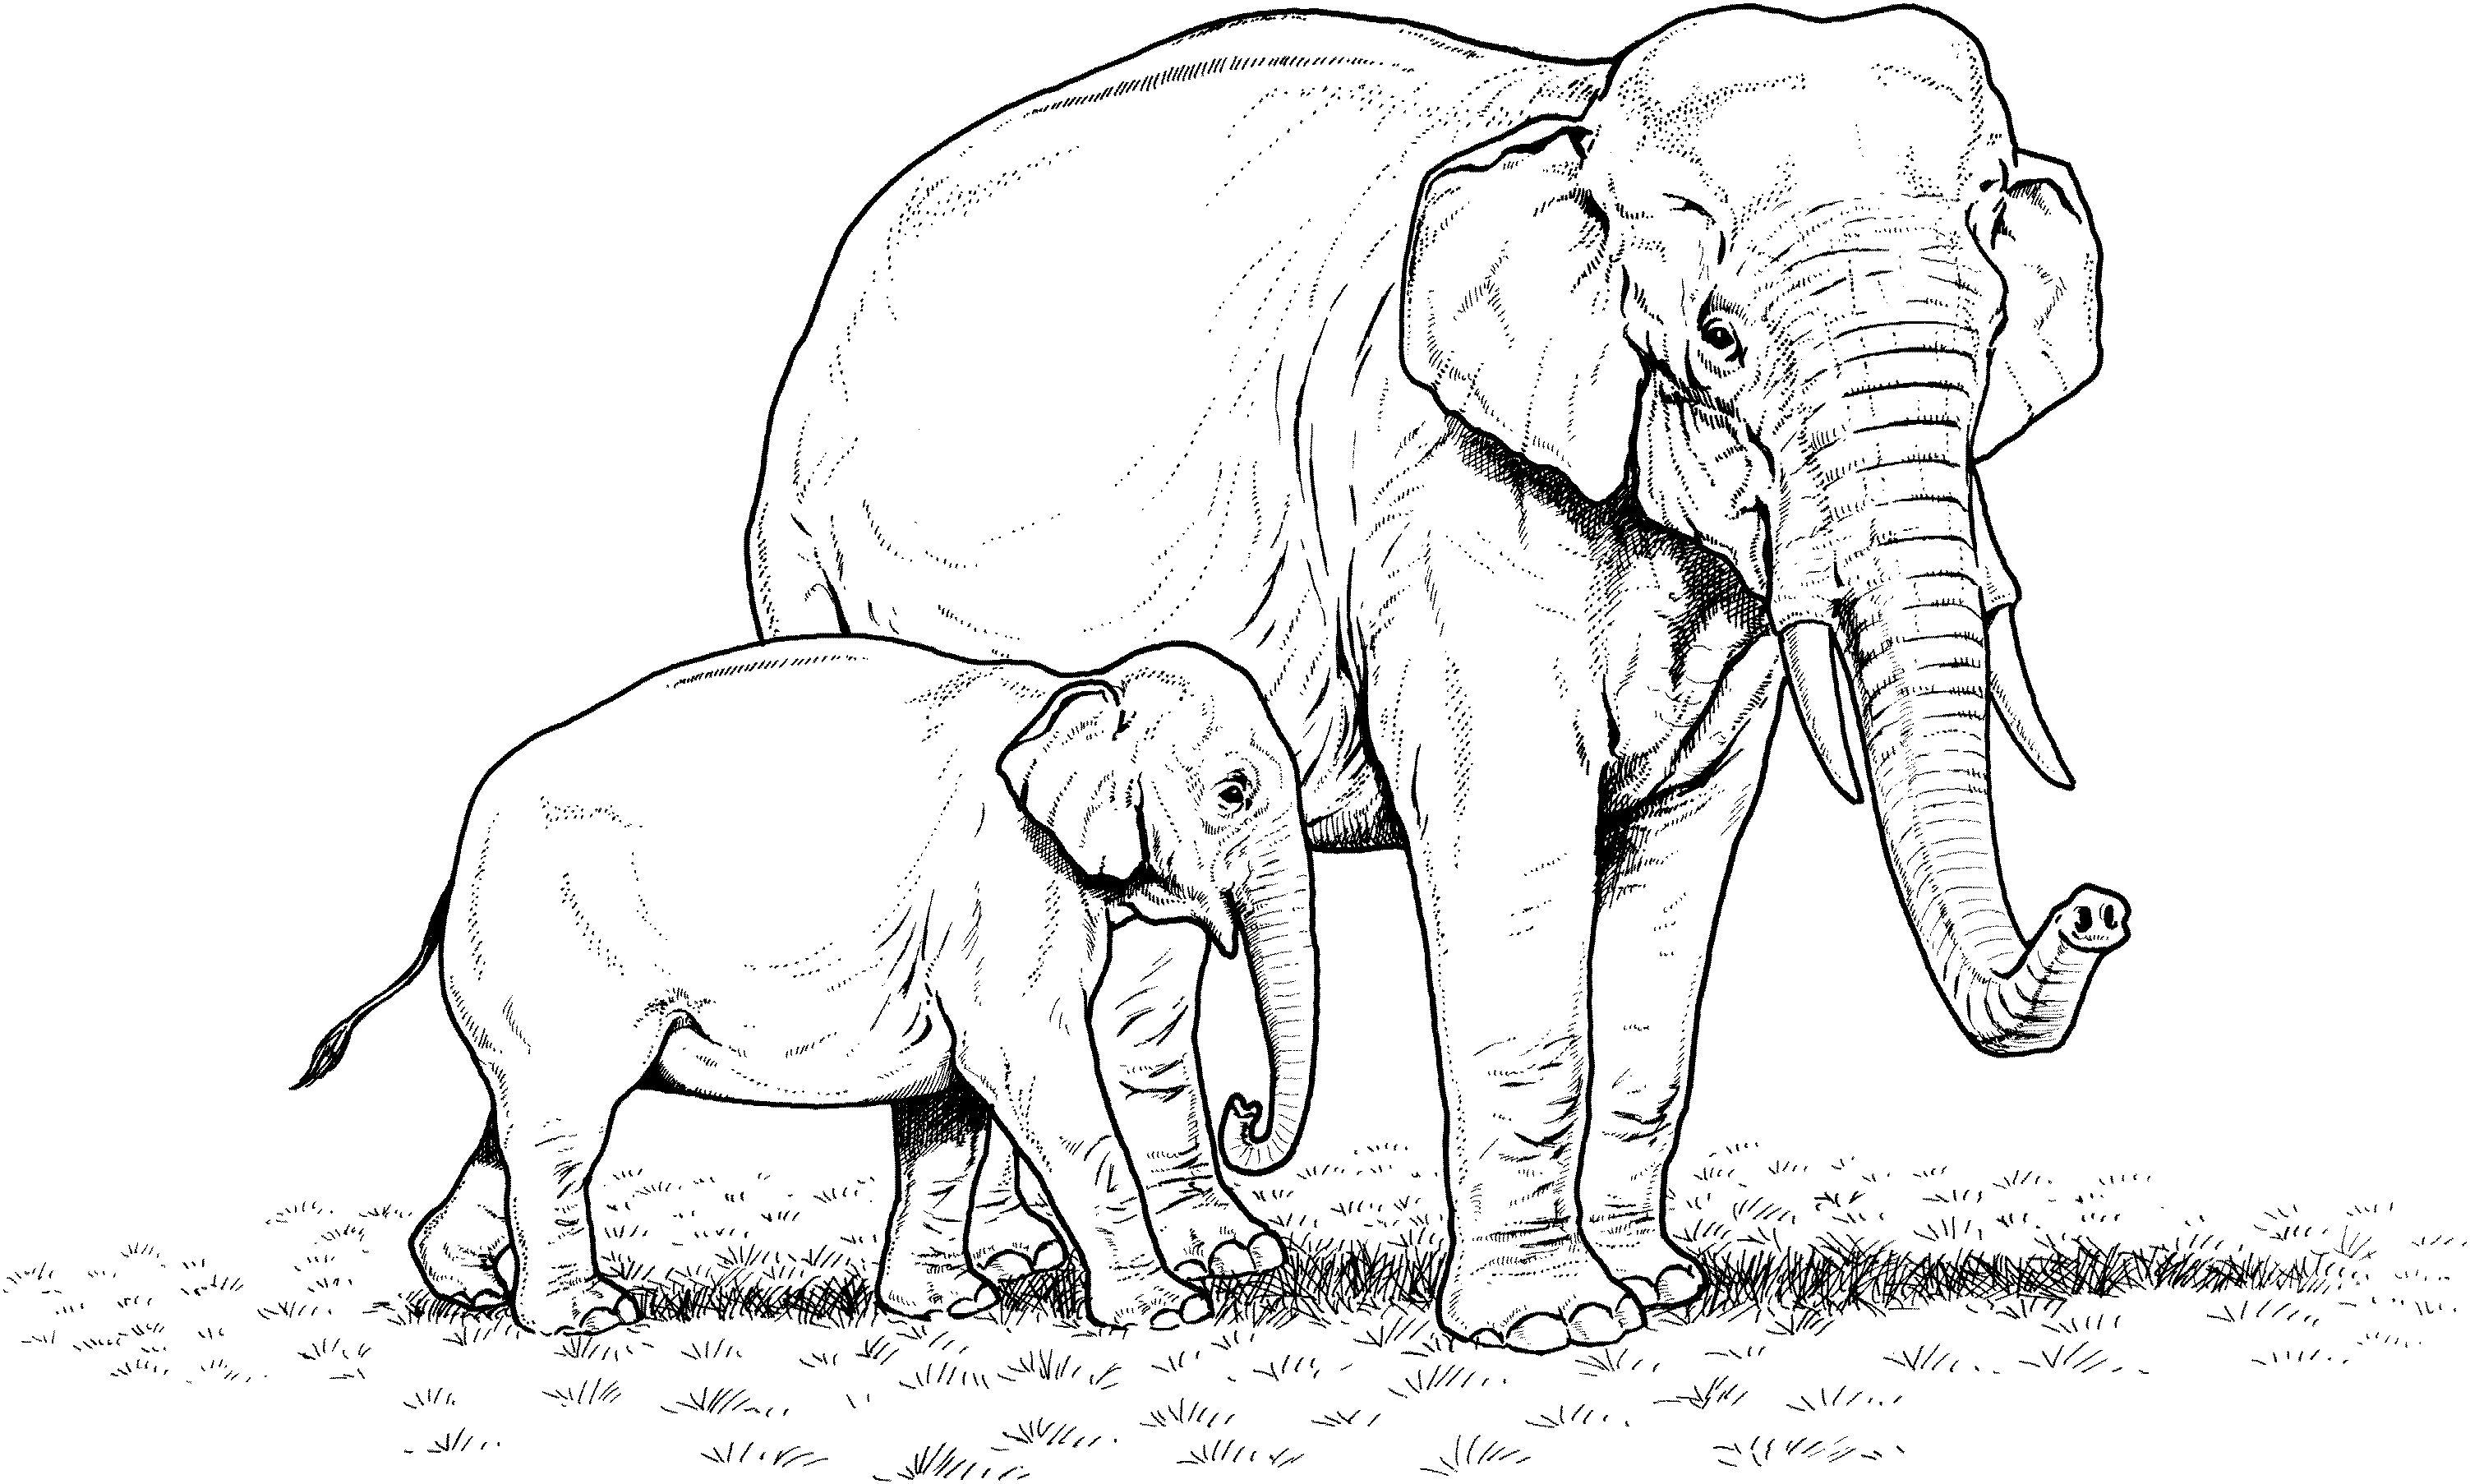 Tranh tô màu voi lớn voi bé rất đẹp